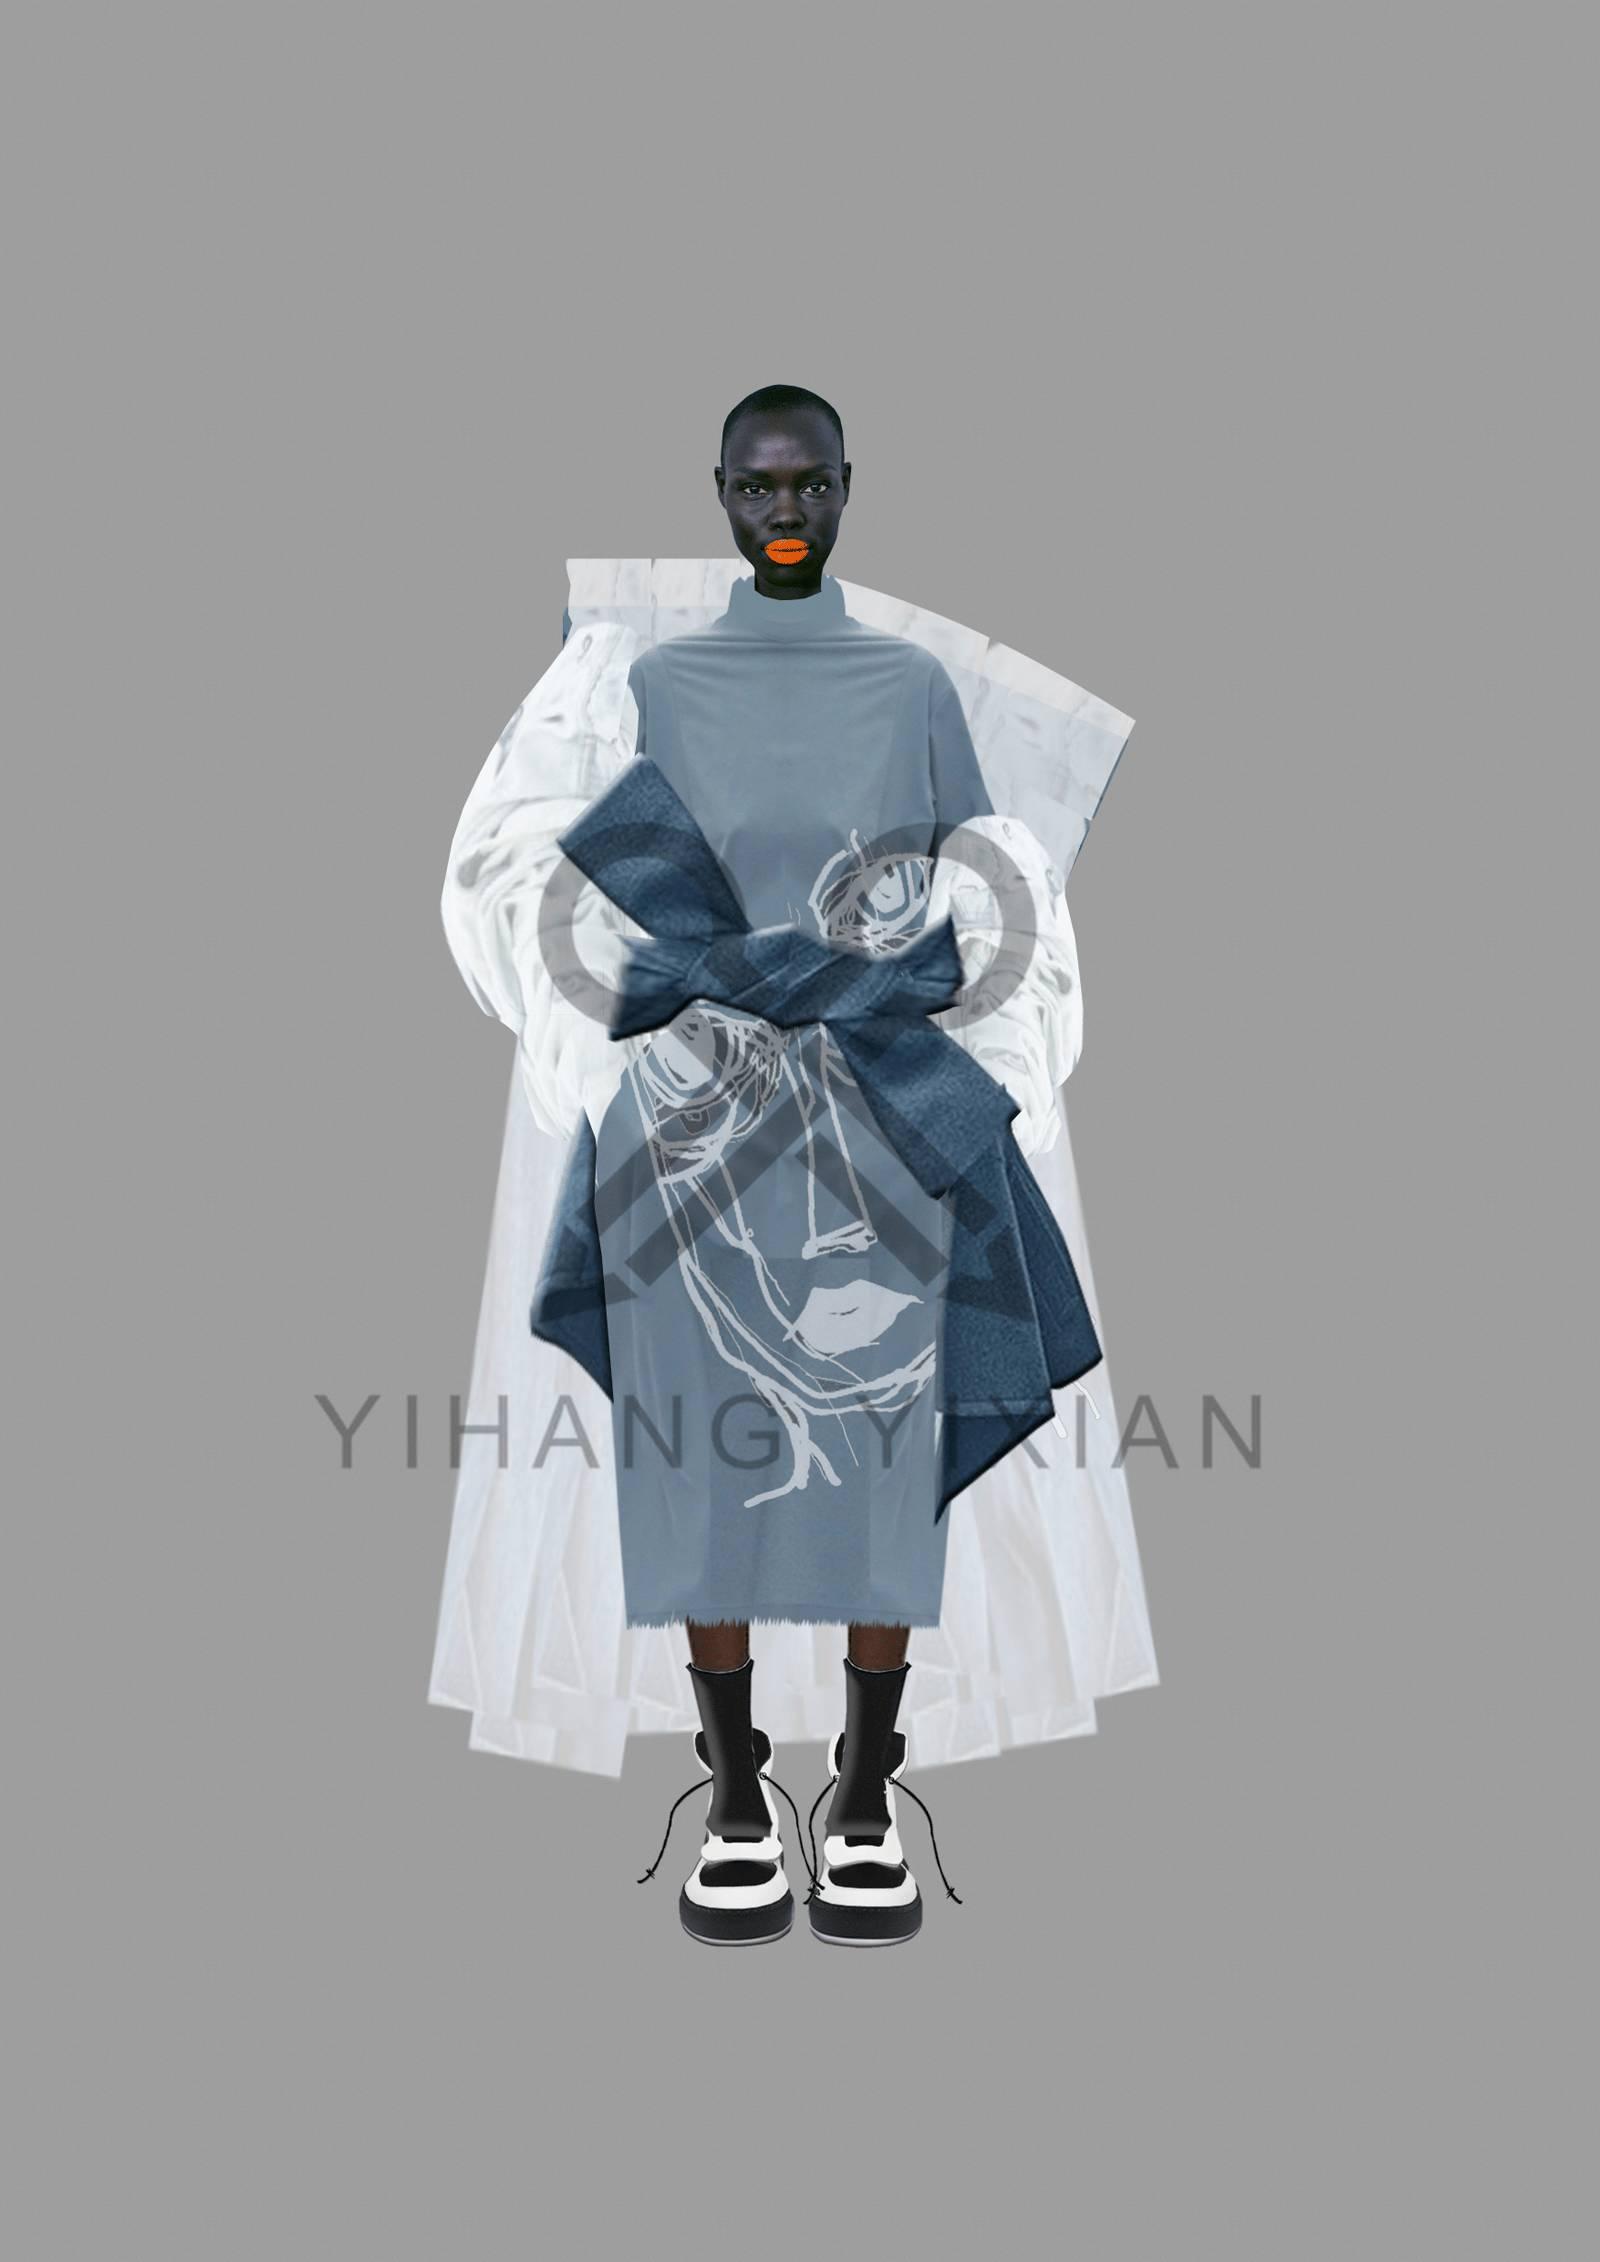 服装设计大赛入围效果图手稿再次曝光,引爆整个大赛圈